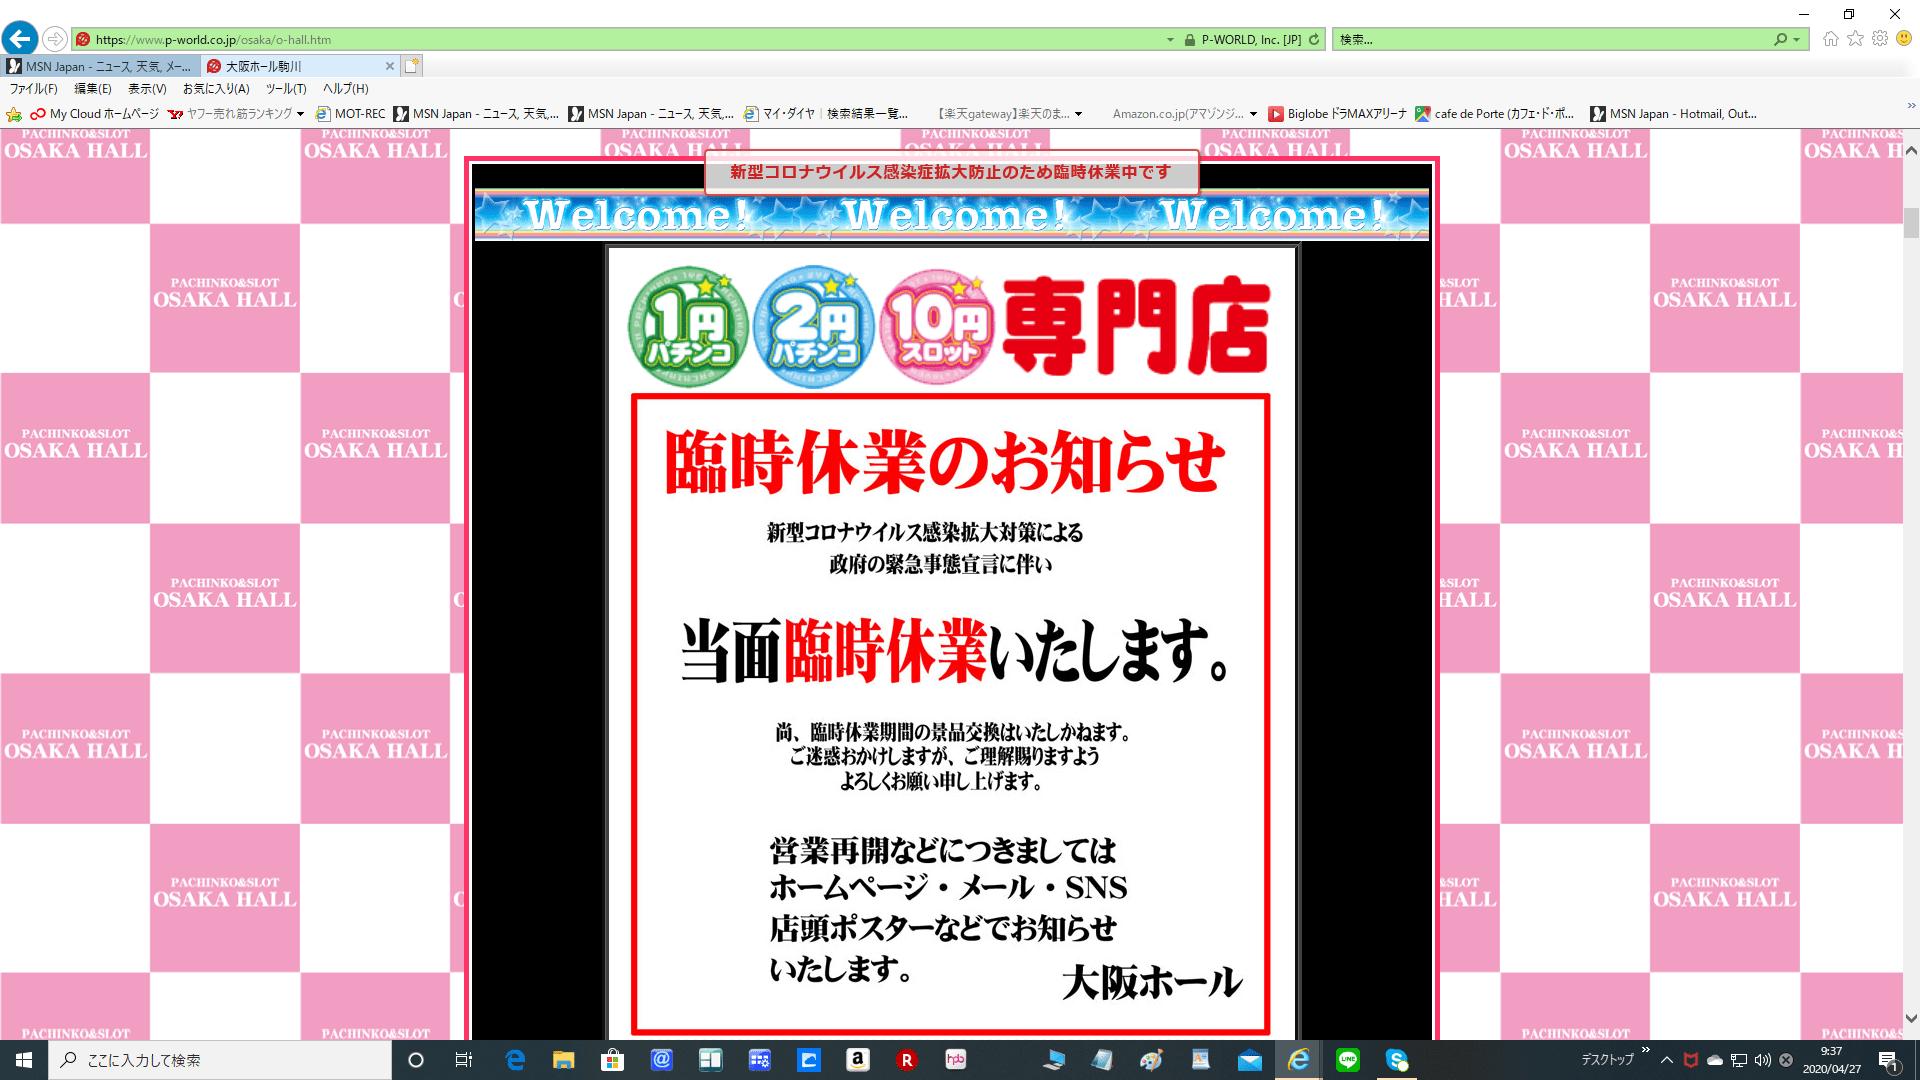 大阪 で 営業 し てる パチンコ 店